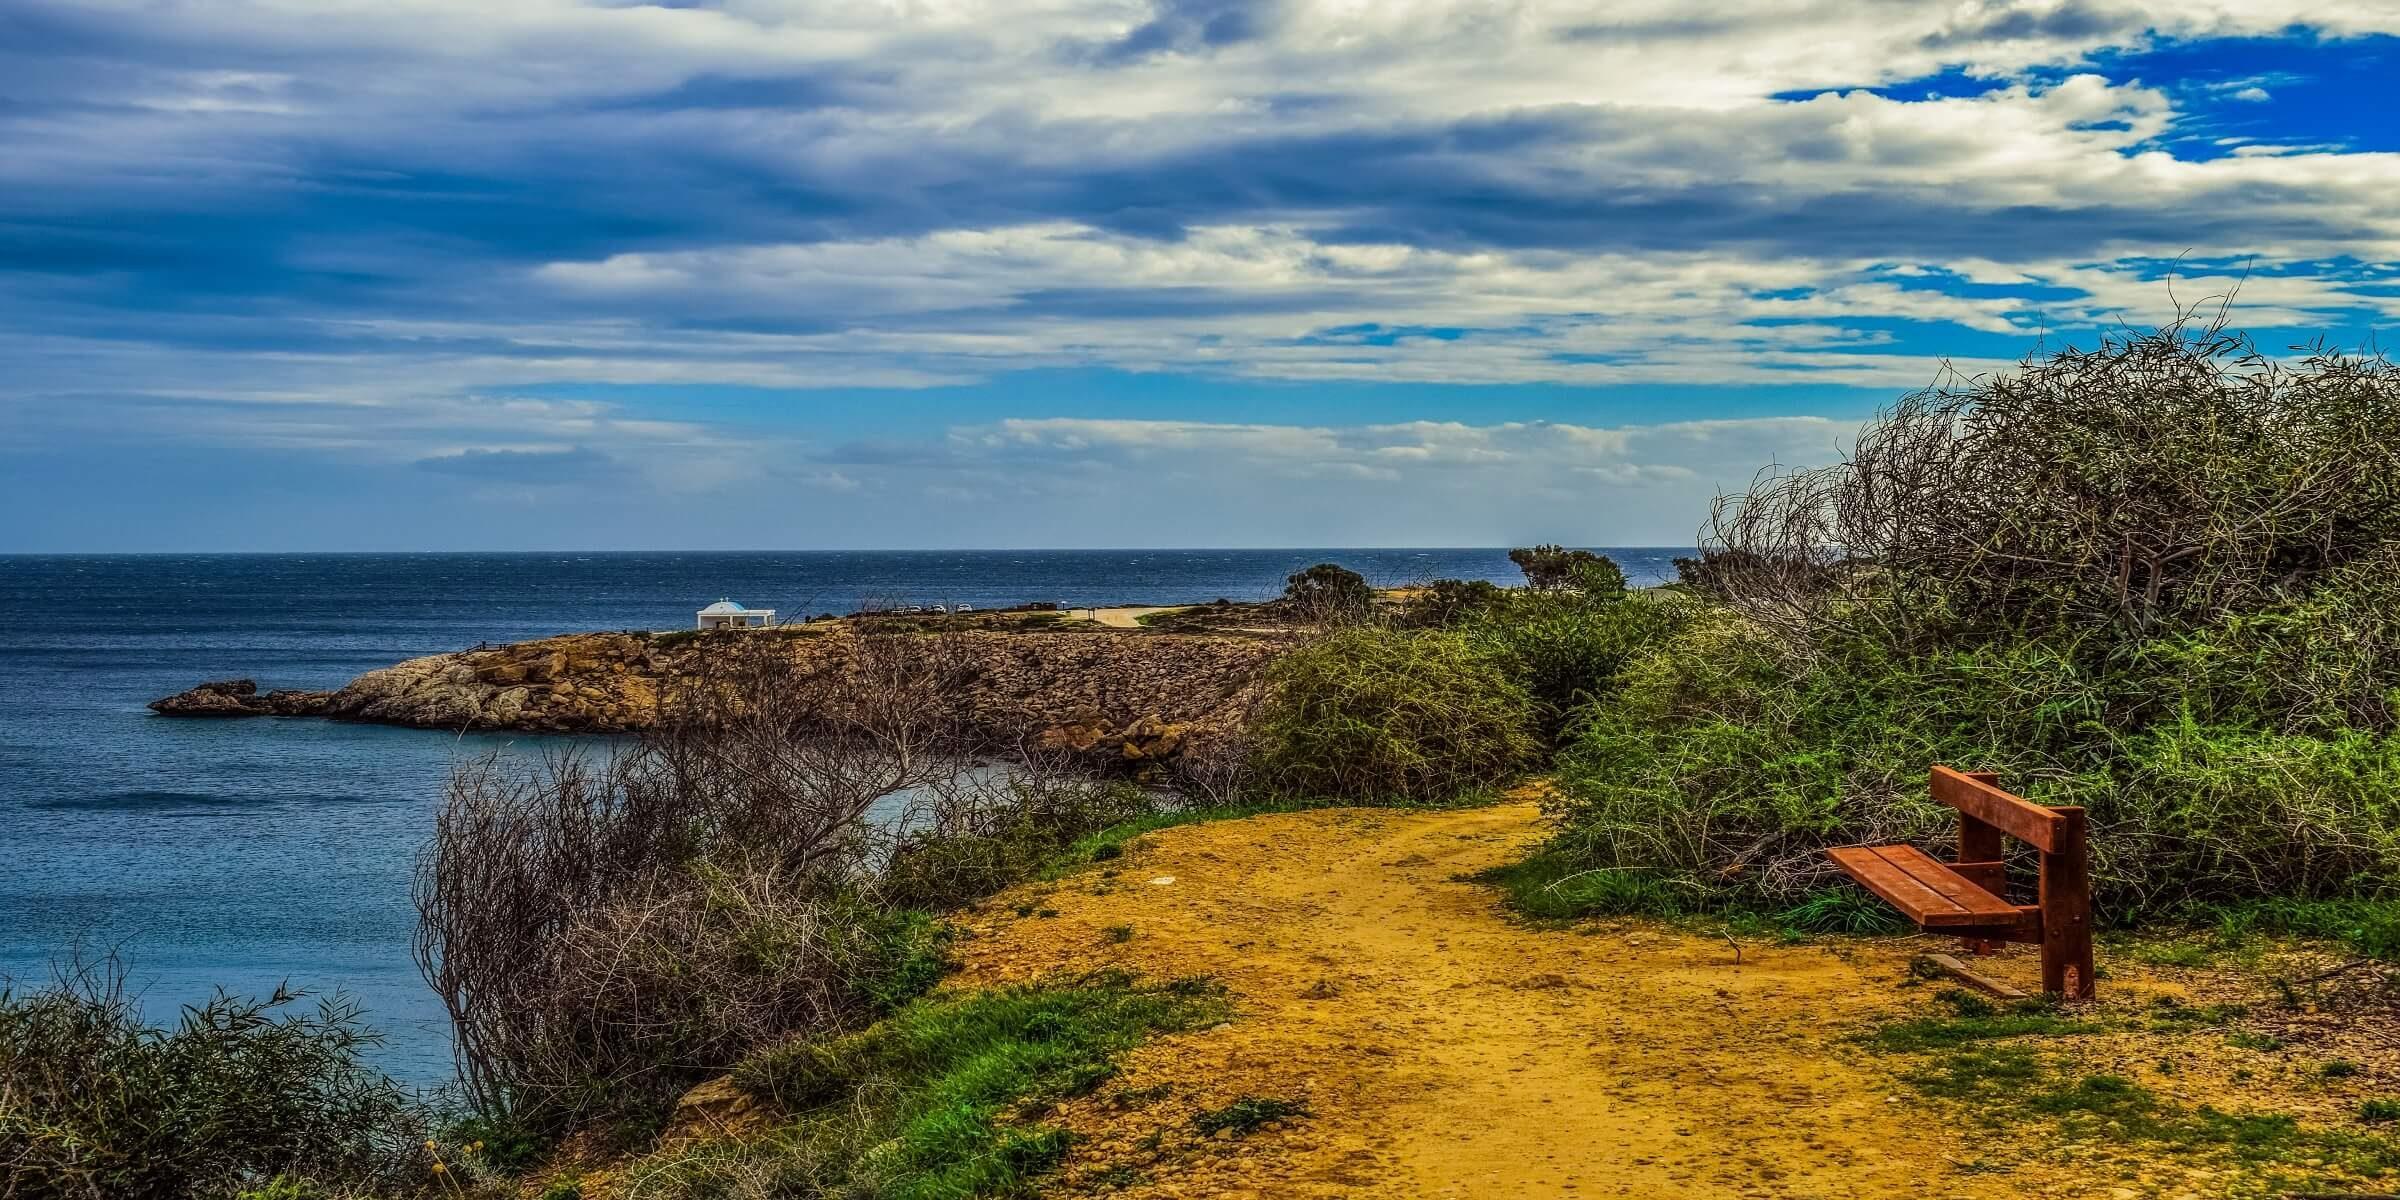 Küste auf Zypern